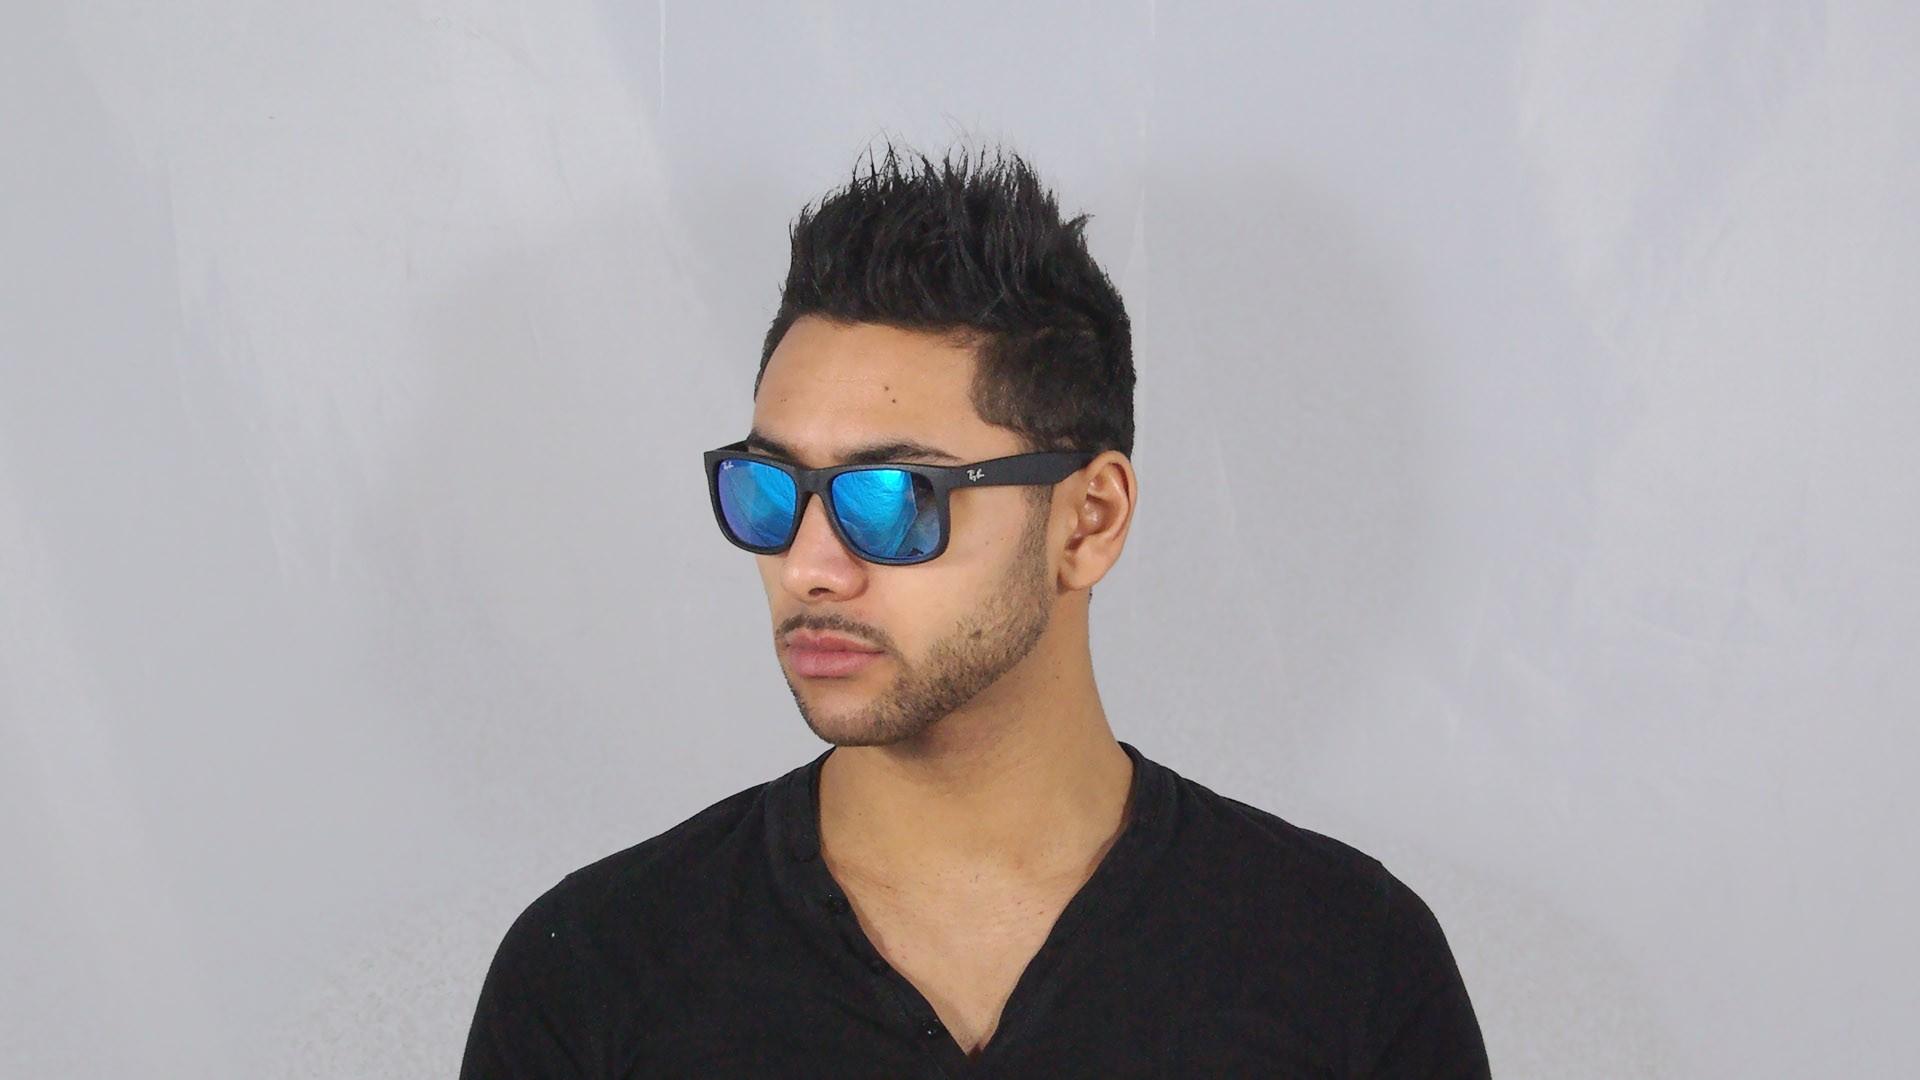 Солнцезащитные очки к круглому лицу фото